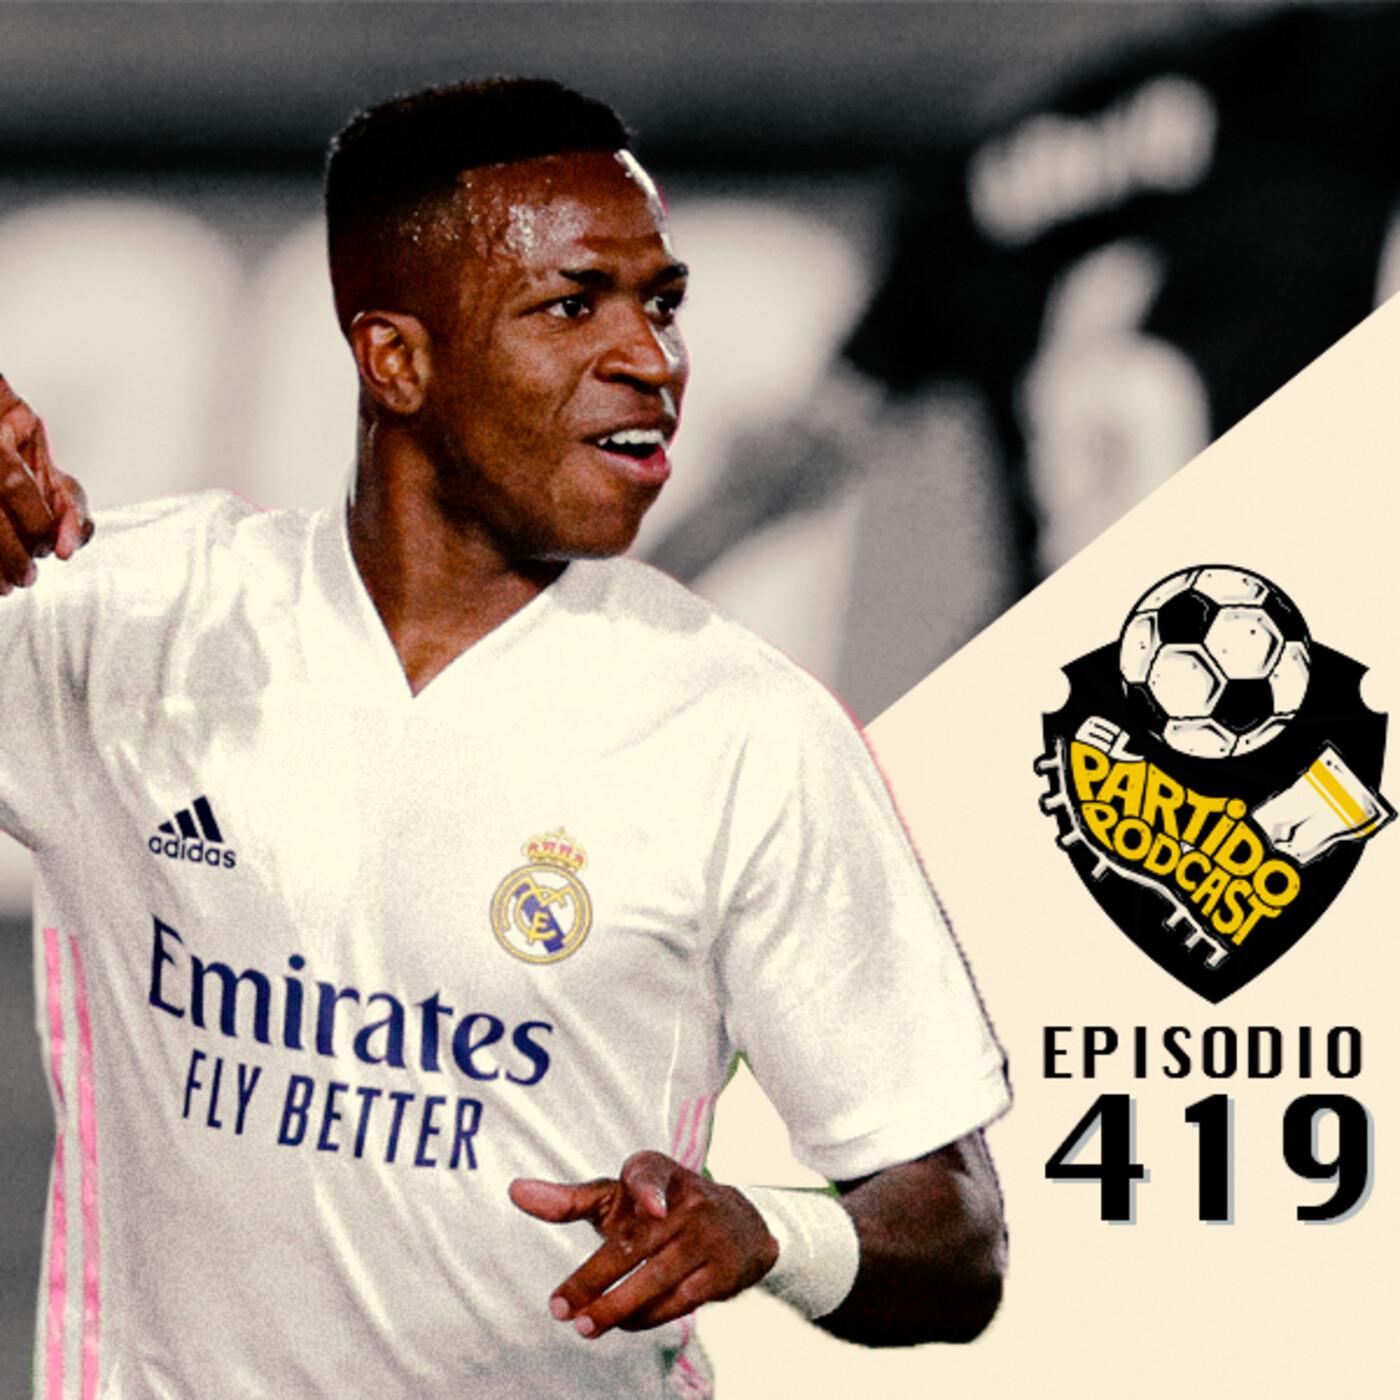 Ep 419: El Madrid gana pero anda justito